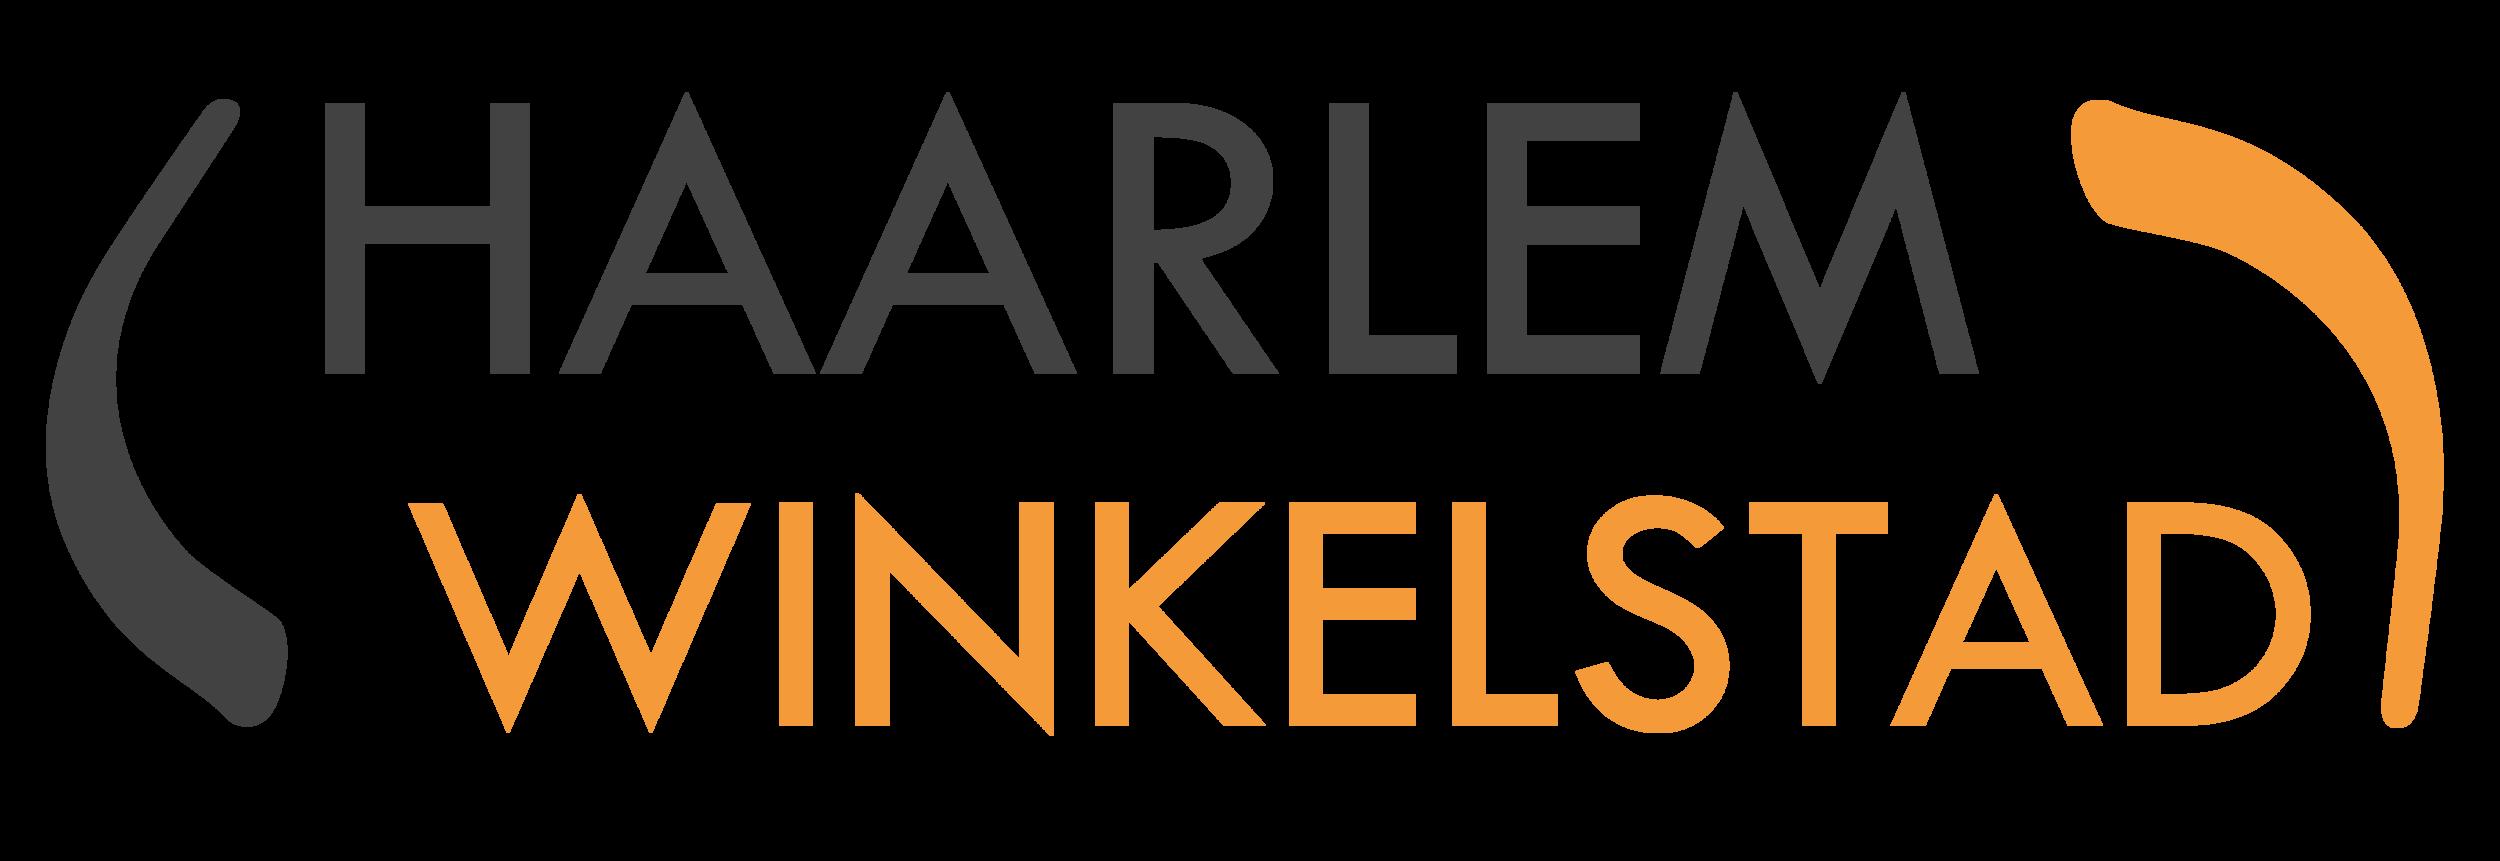 Haarlem Winkelstad_final.png